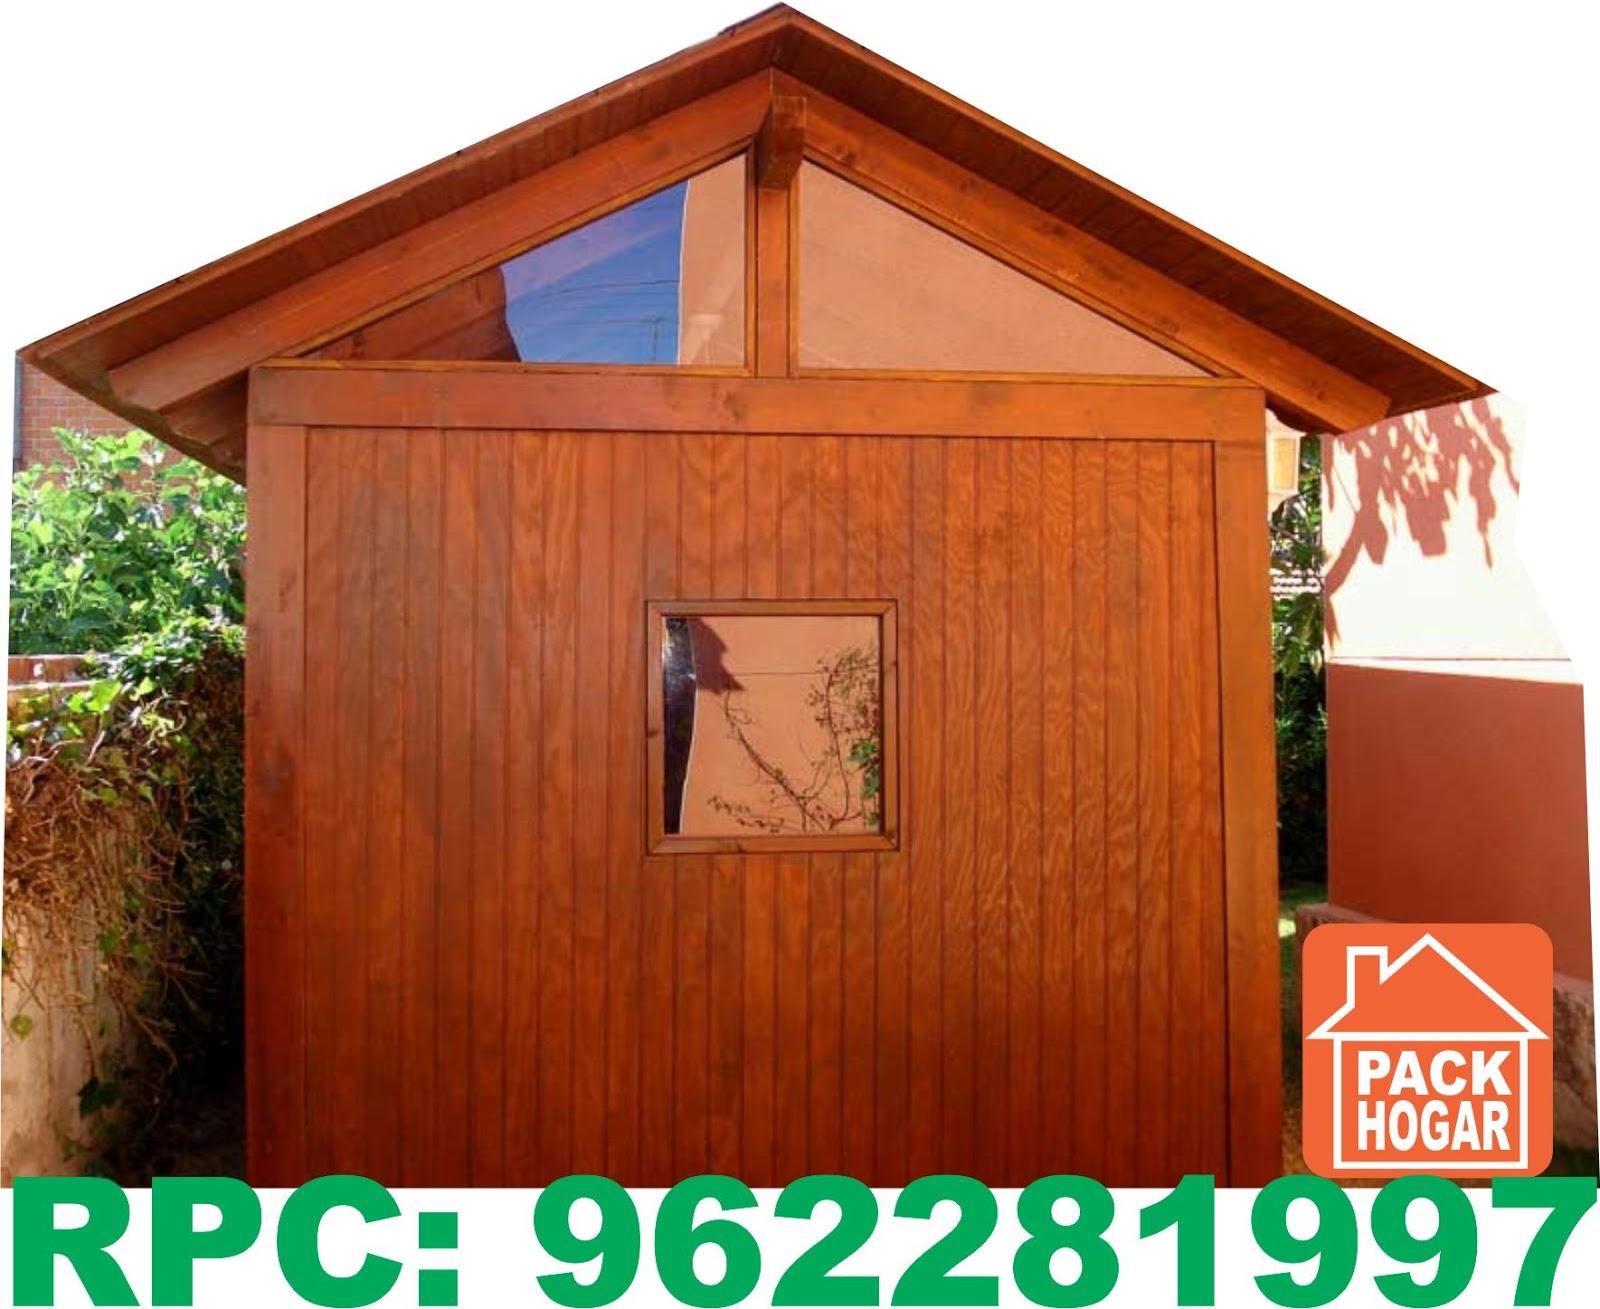 Casetas cuartos habitables prefabricadas de madera lima for Casetas prefabricadas para jardin